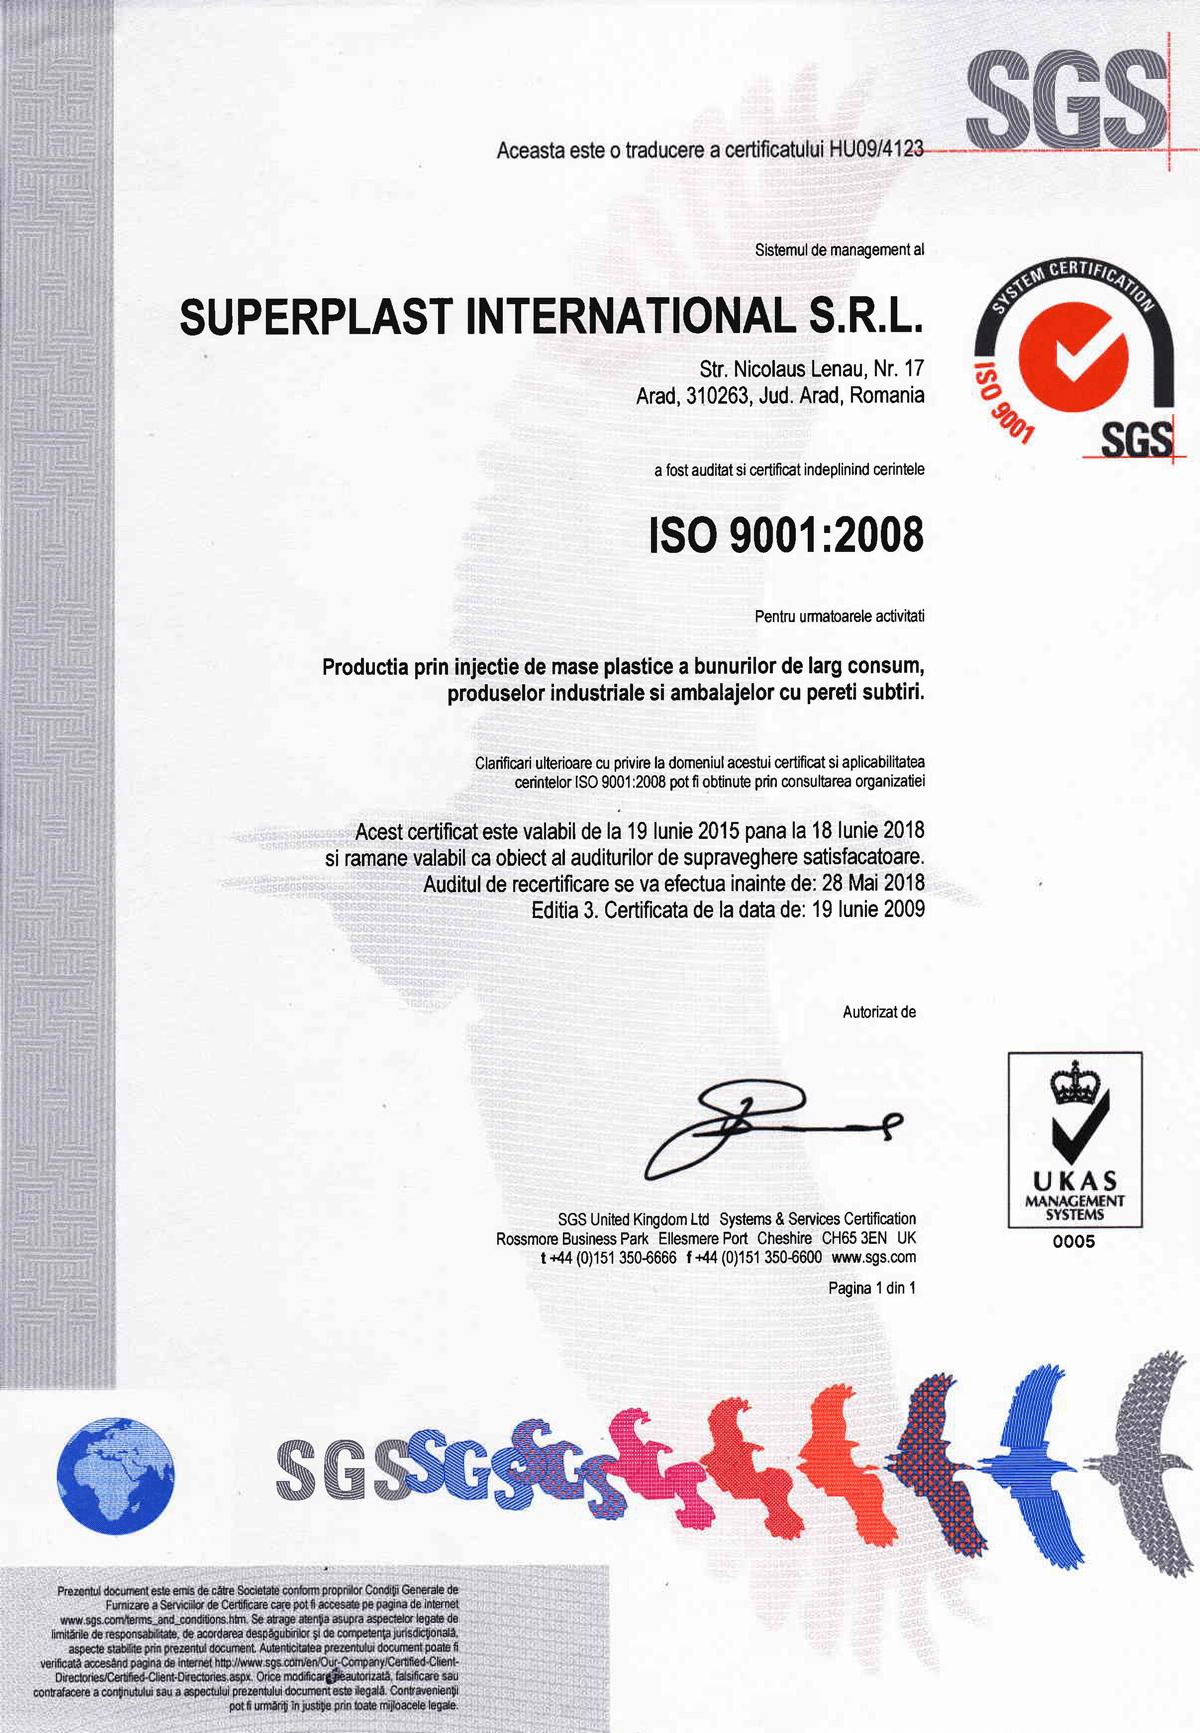 Superplast International Arad